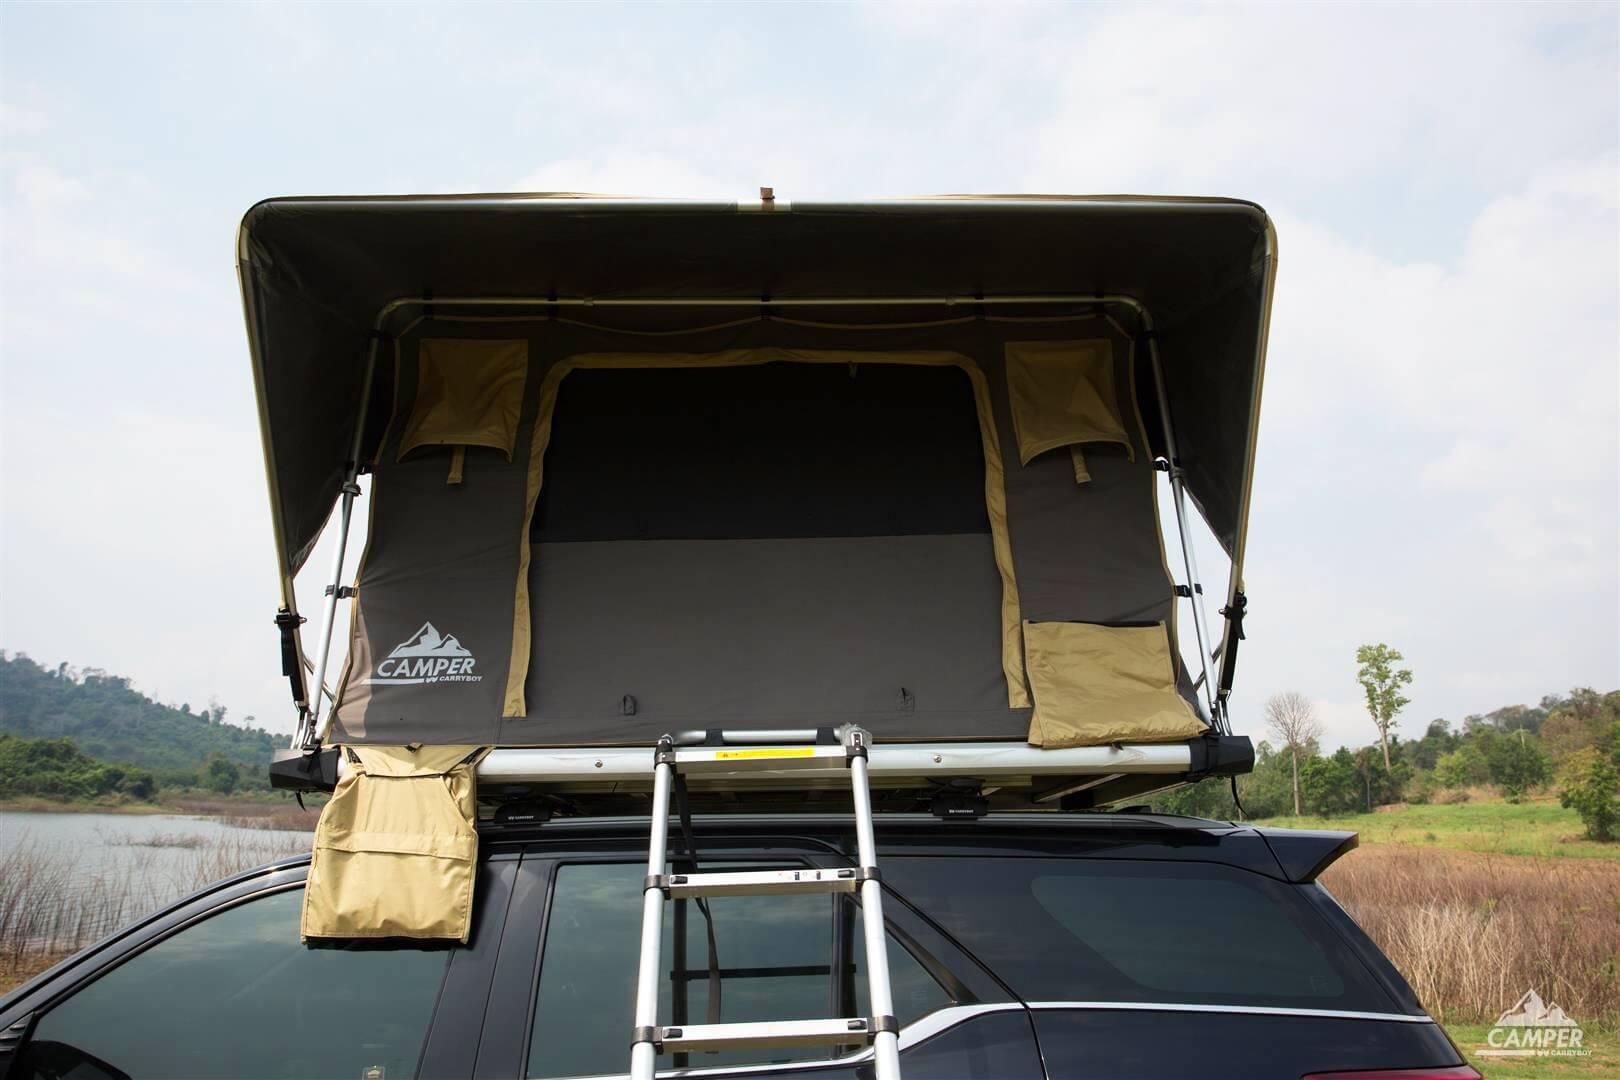 Carryboy Camper Dachzelt für 2 bis 3 Personen für alle Fahrzeuge 2000mm Wassersäule